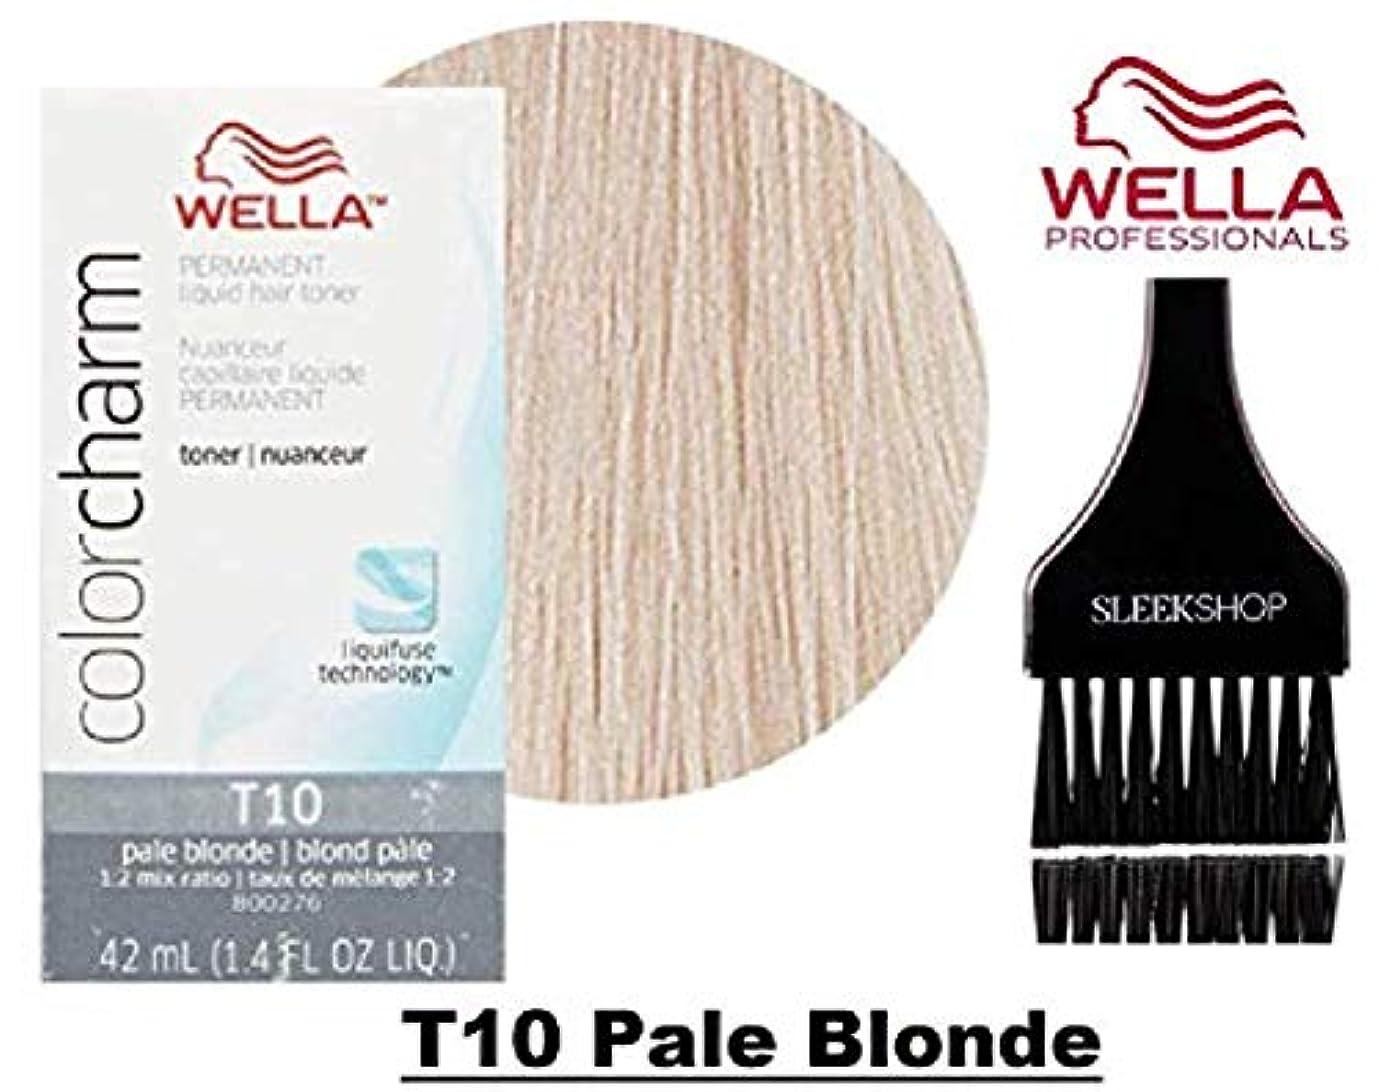 流行している隠されたランダムCoty Wella ウエラカラーチャームパーマネントリキッドヘアトナー(なめらかな色合いブラシ)ヘアカラーLiquifuse、1:2の混合比ヘアカラー色素 T10ペールブロンド。